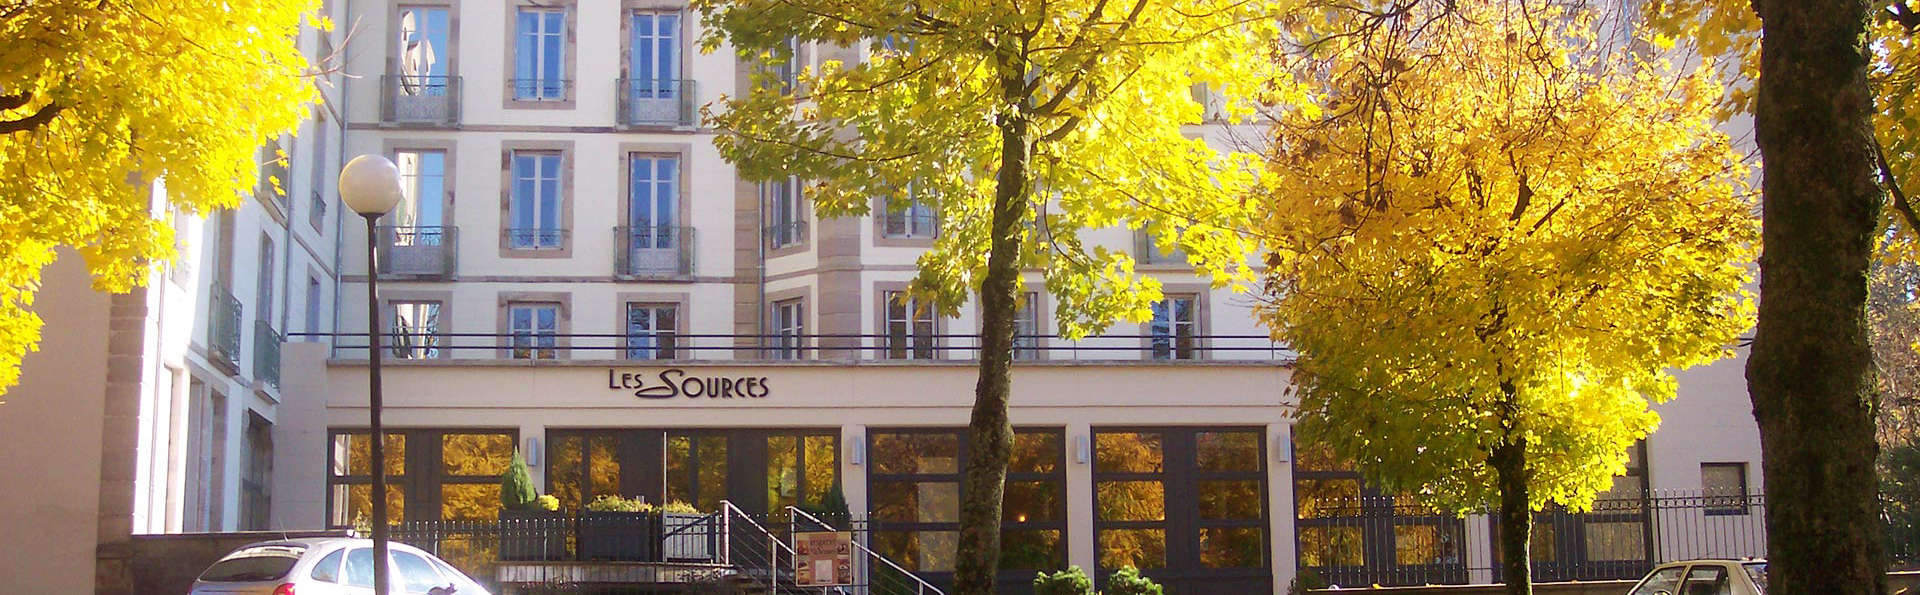 Cerise Luxeuil - Les Sources - EDIT_front1.jpg